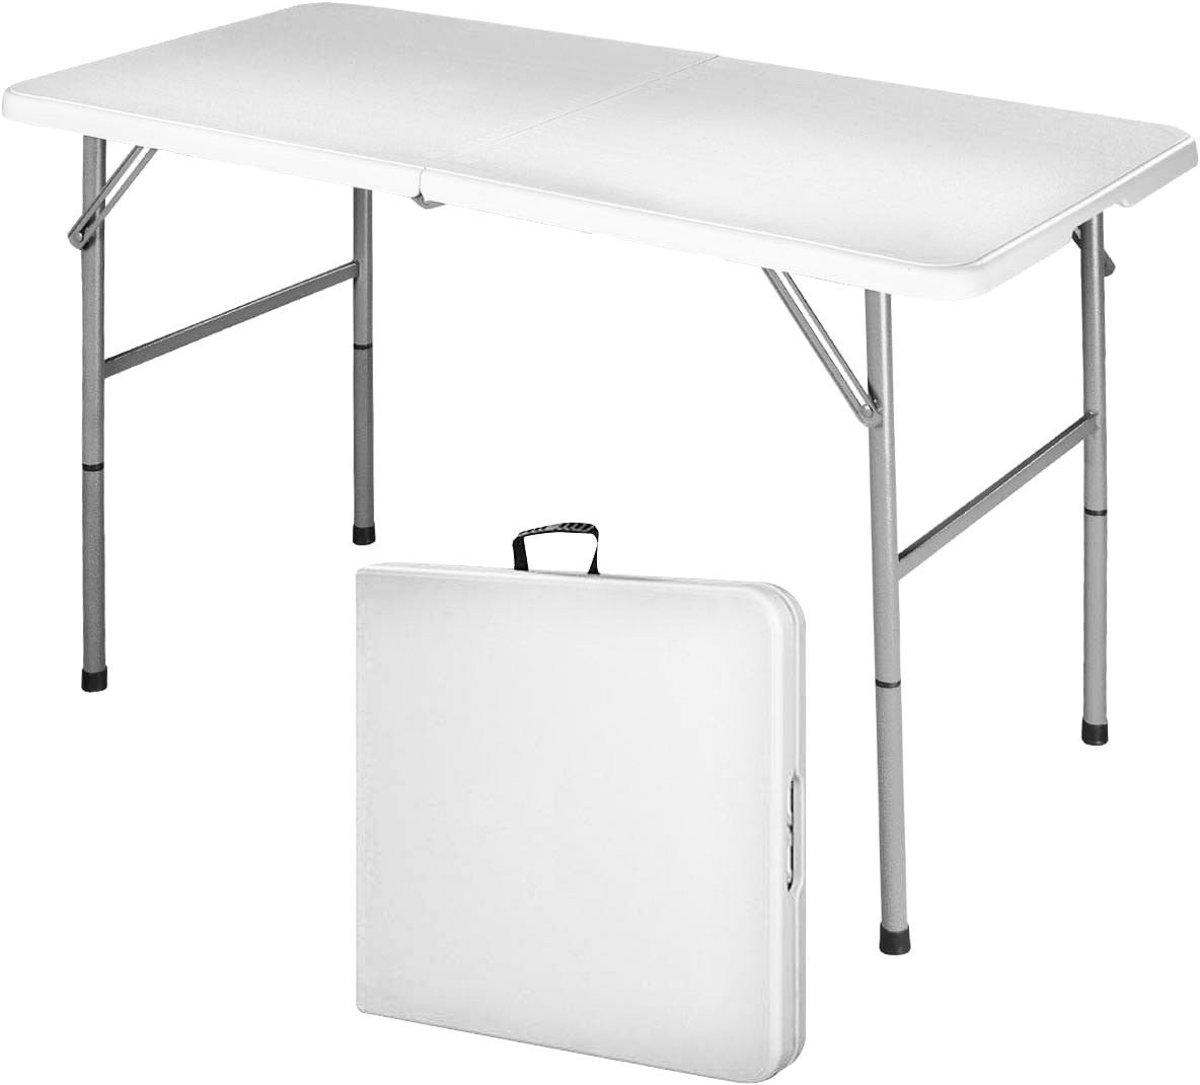 MaxxGarden vouwtafel - met regelbare hoogte - 120 x 60 x 74 cm - wit